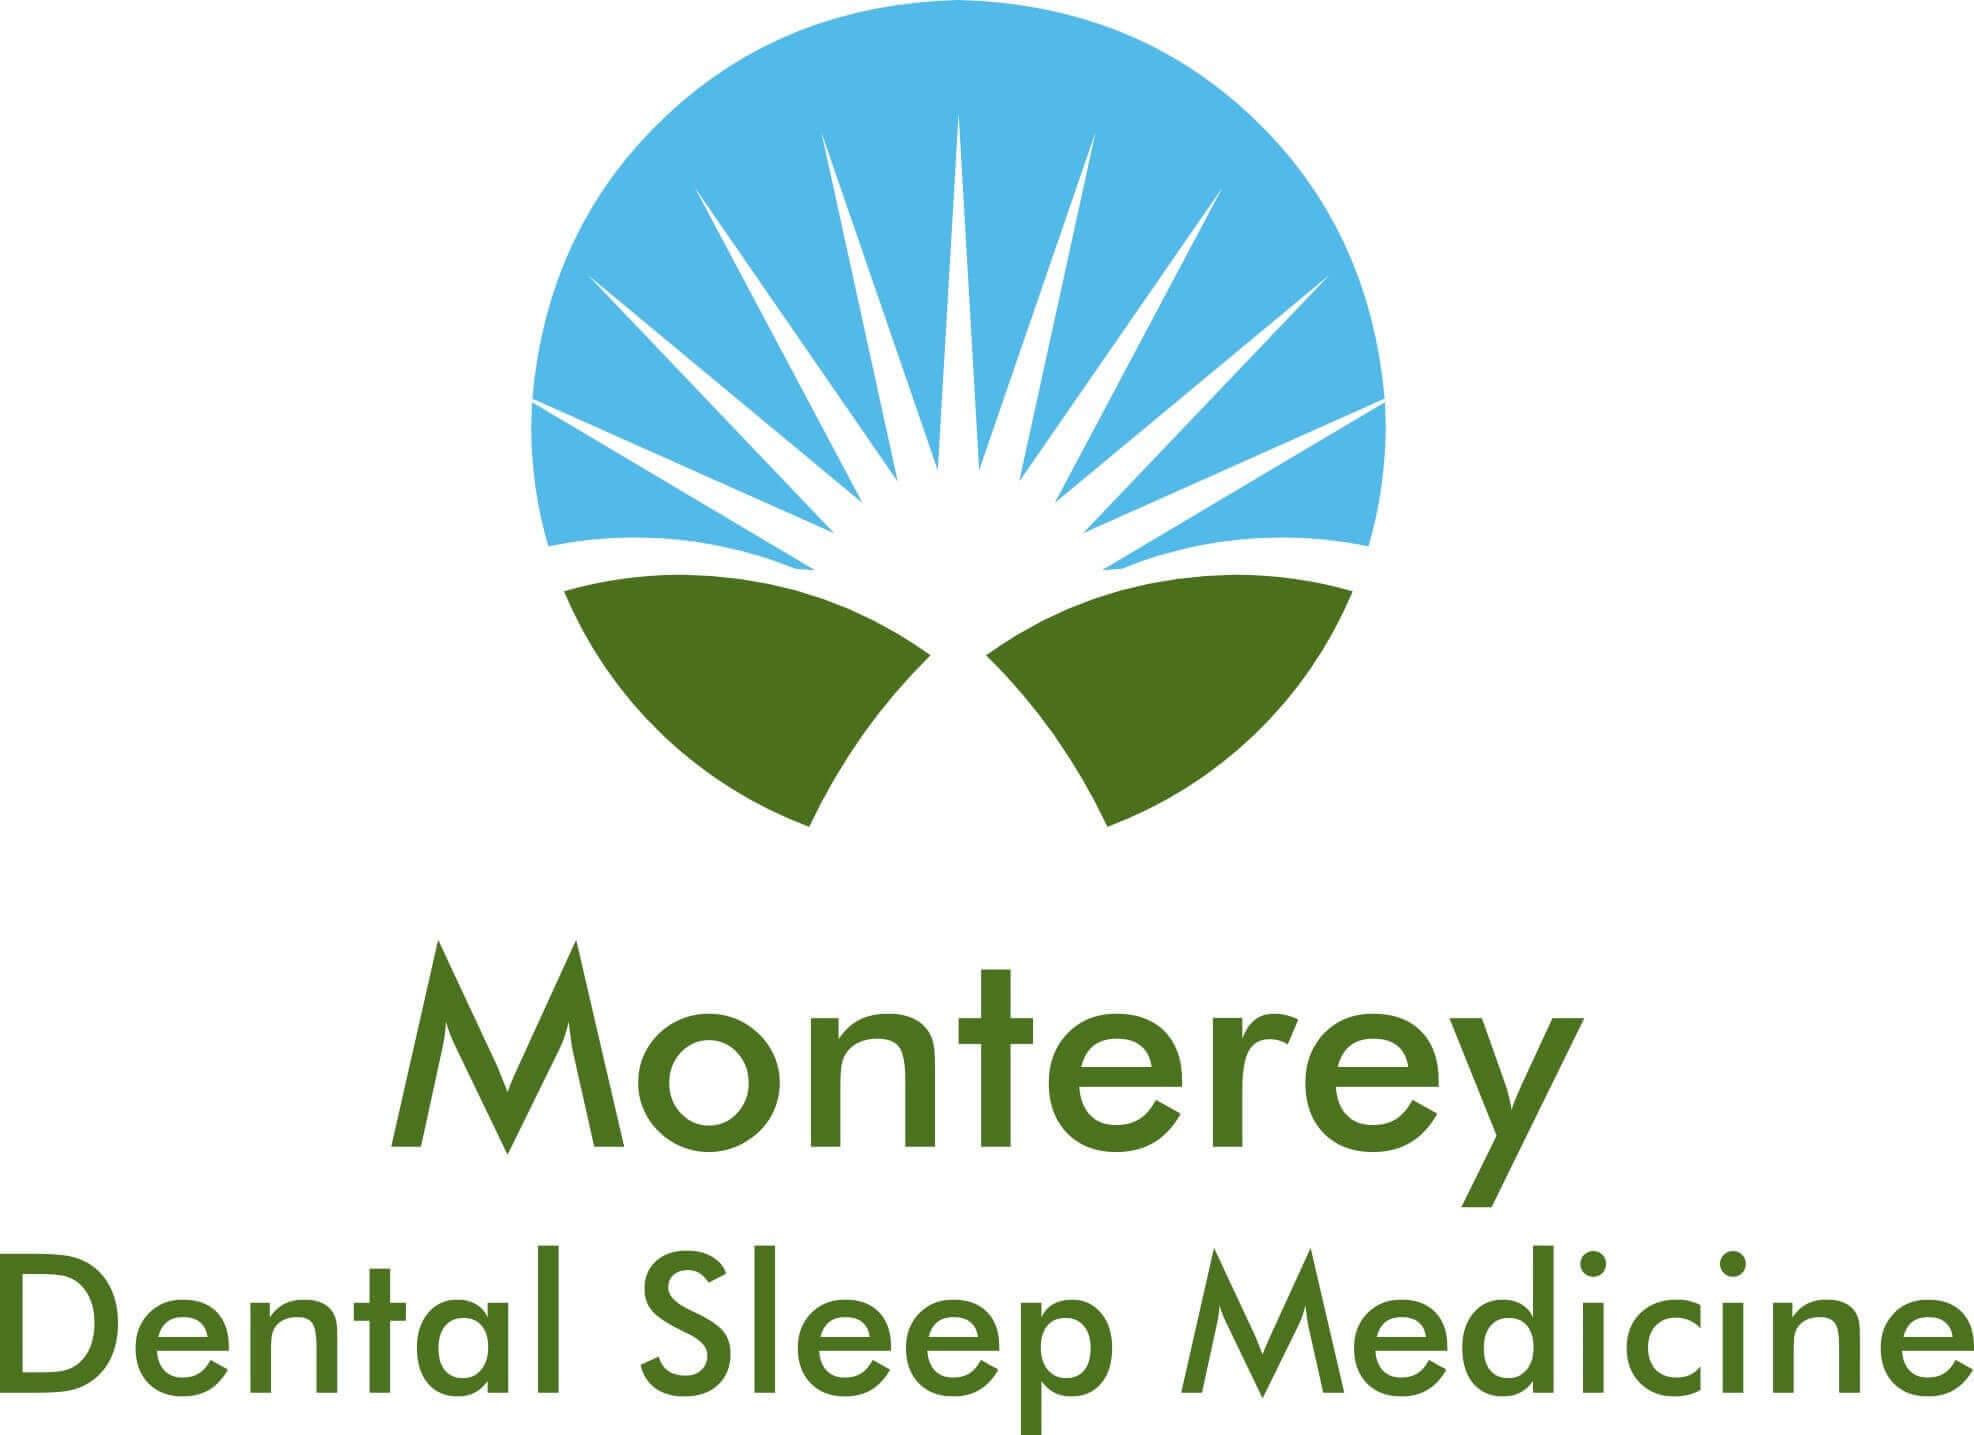 Monterey Dental Sleep